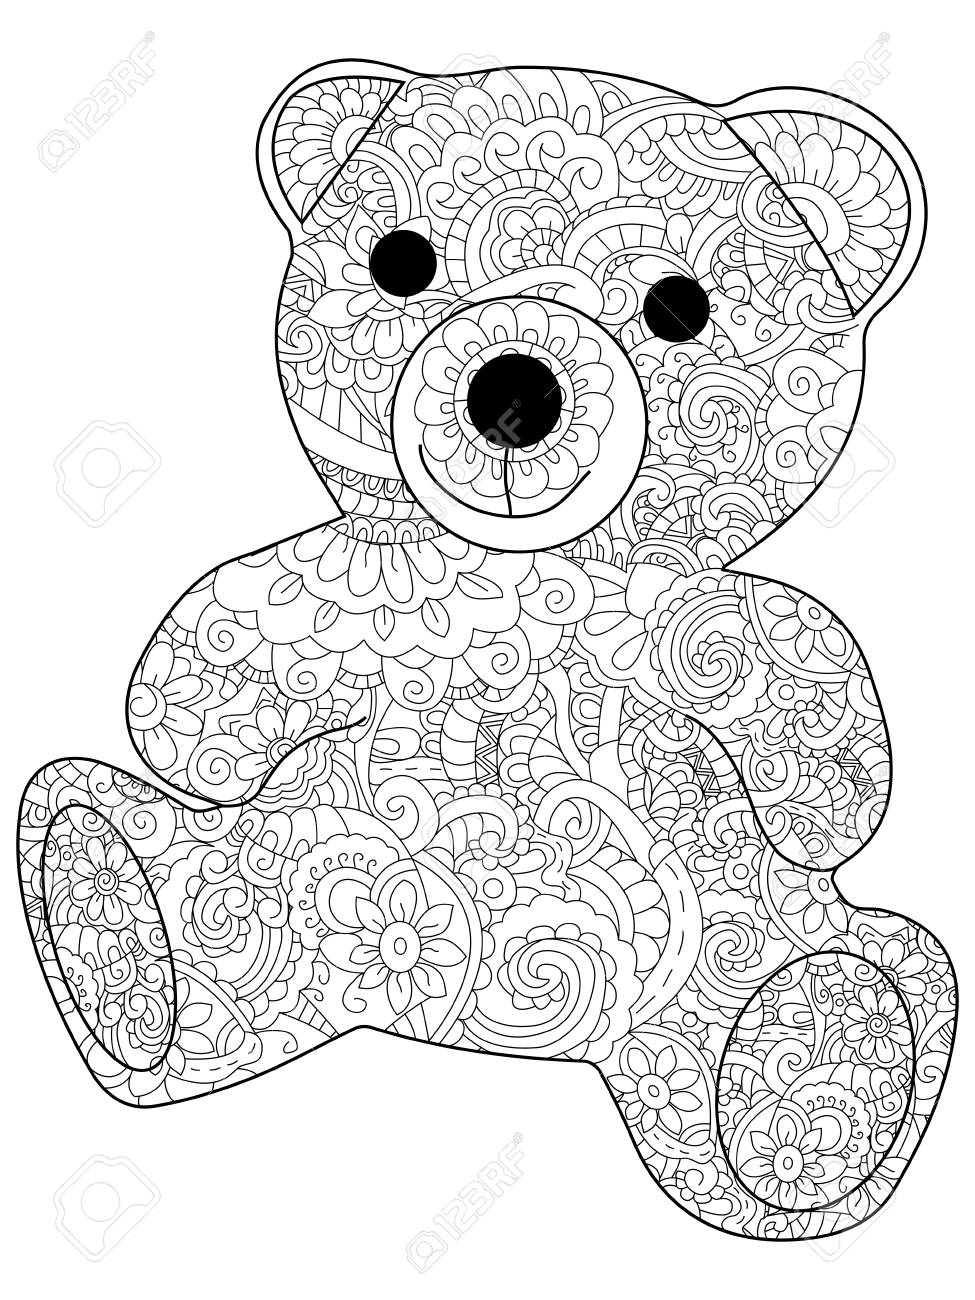 Wunderbar Teddybär Färbung Blatt Ideen - Malvorlagen-Ideen ...